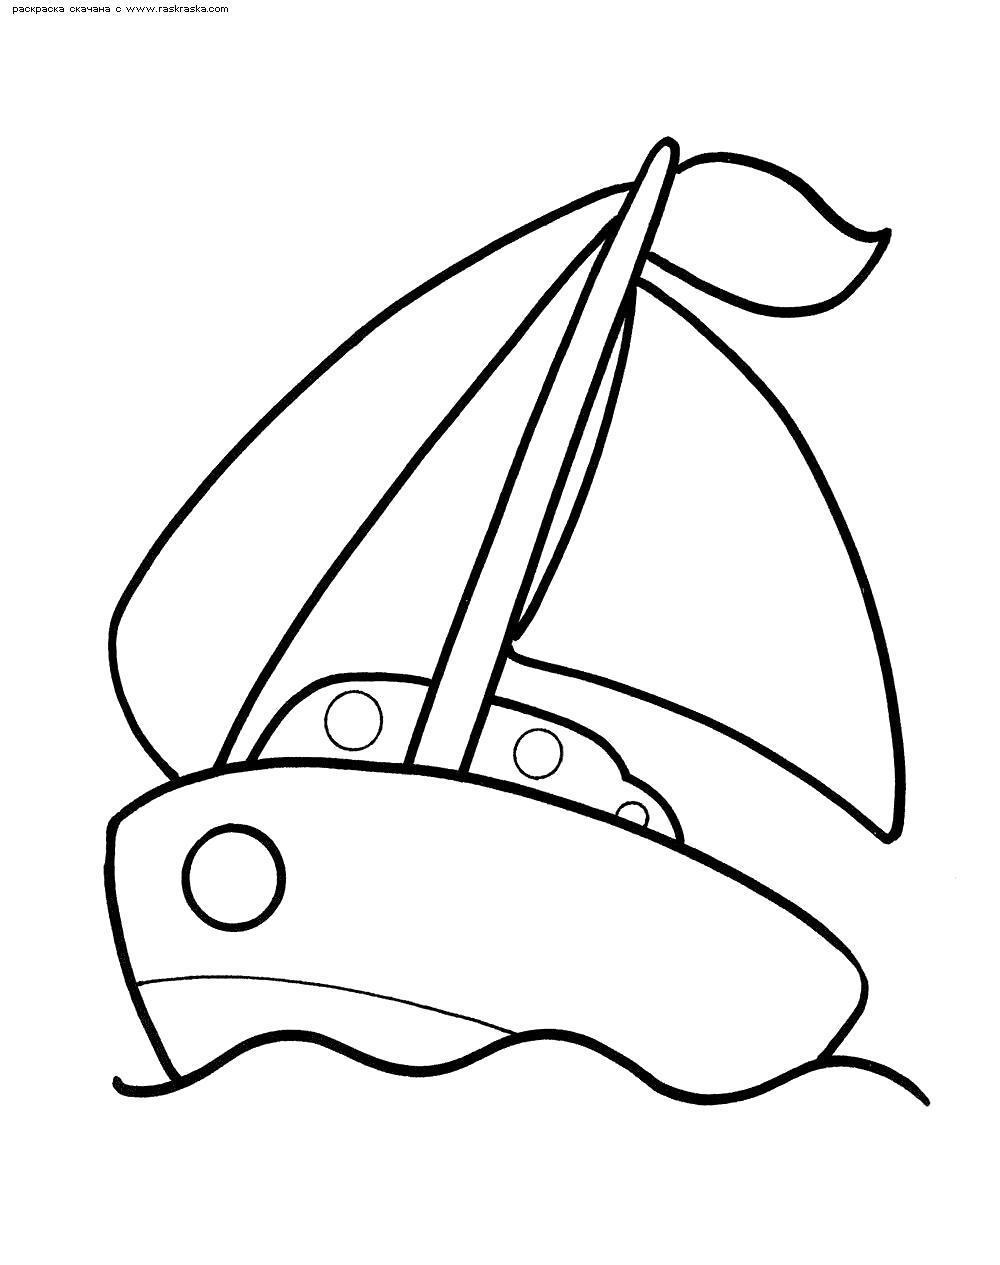 Раскраска  Кораблик.  Игрушечный кораблик  для детей . Скачать Кораблик.  Распечатать Кораблик